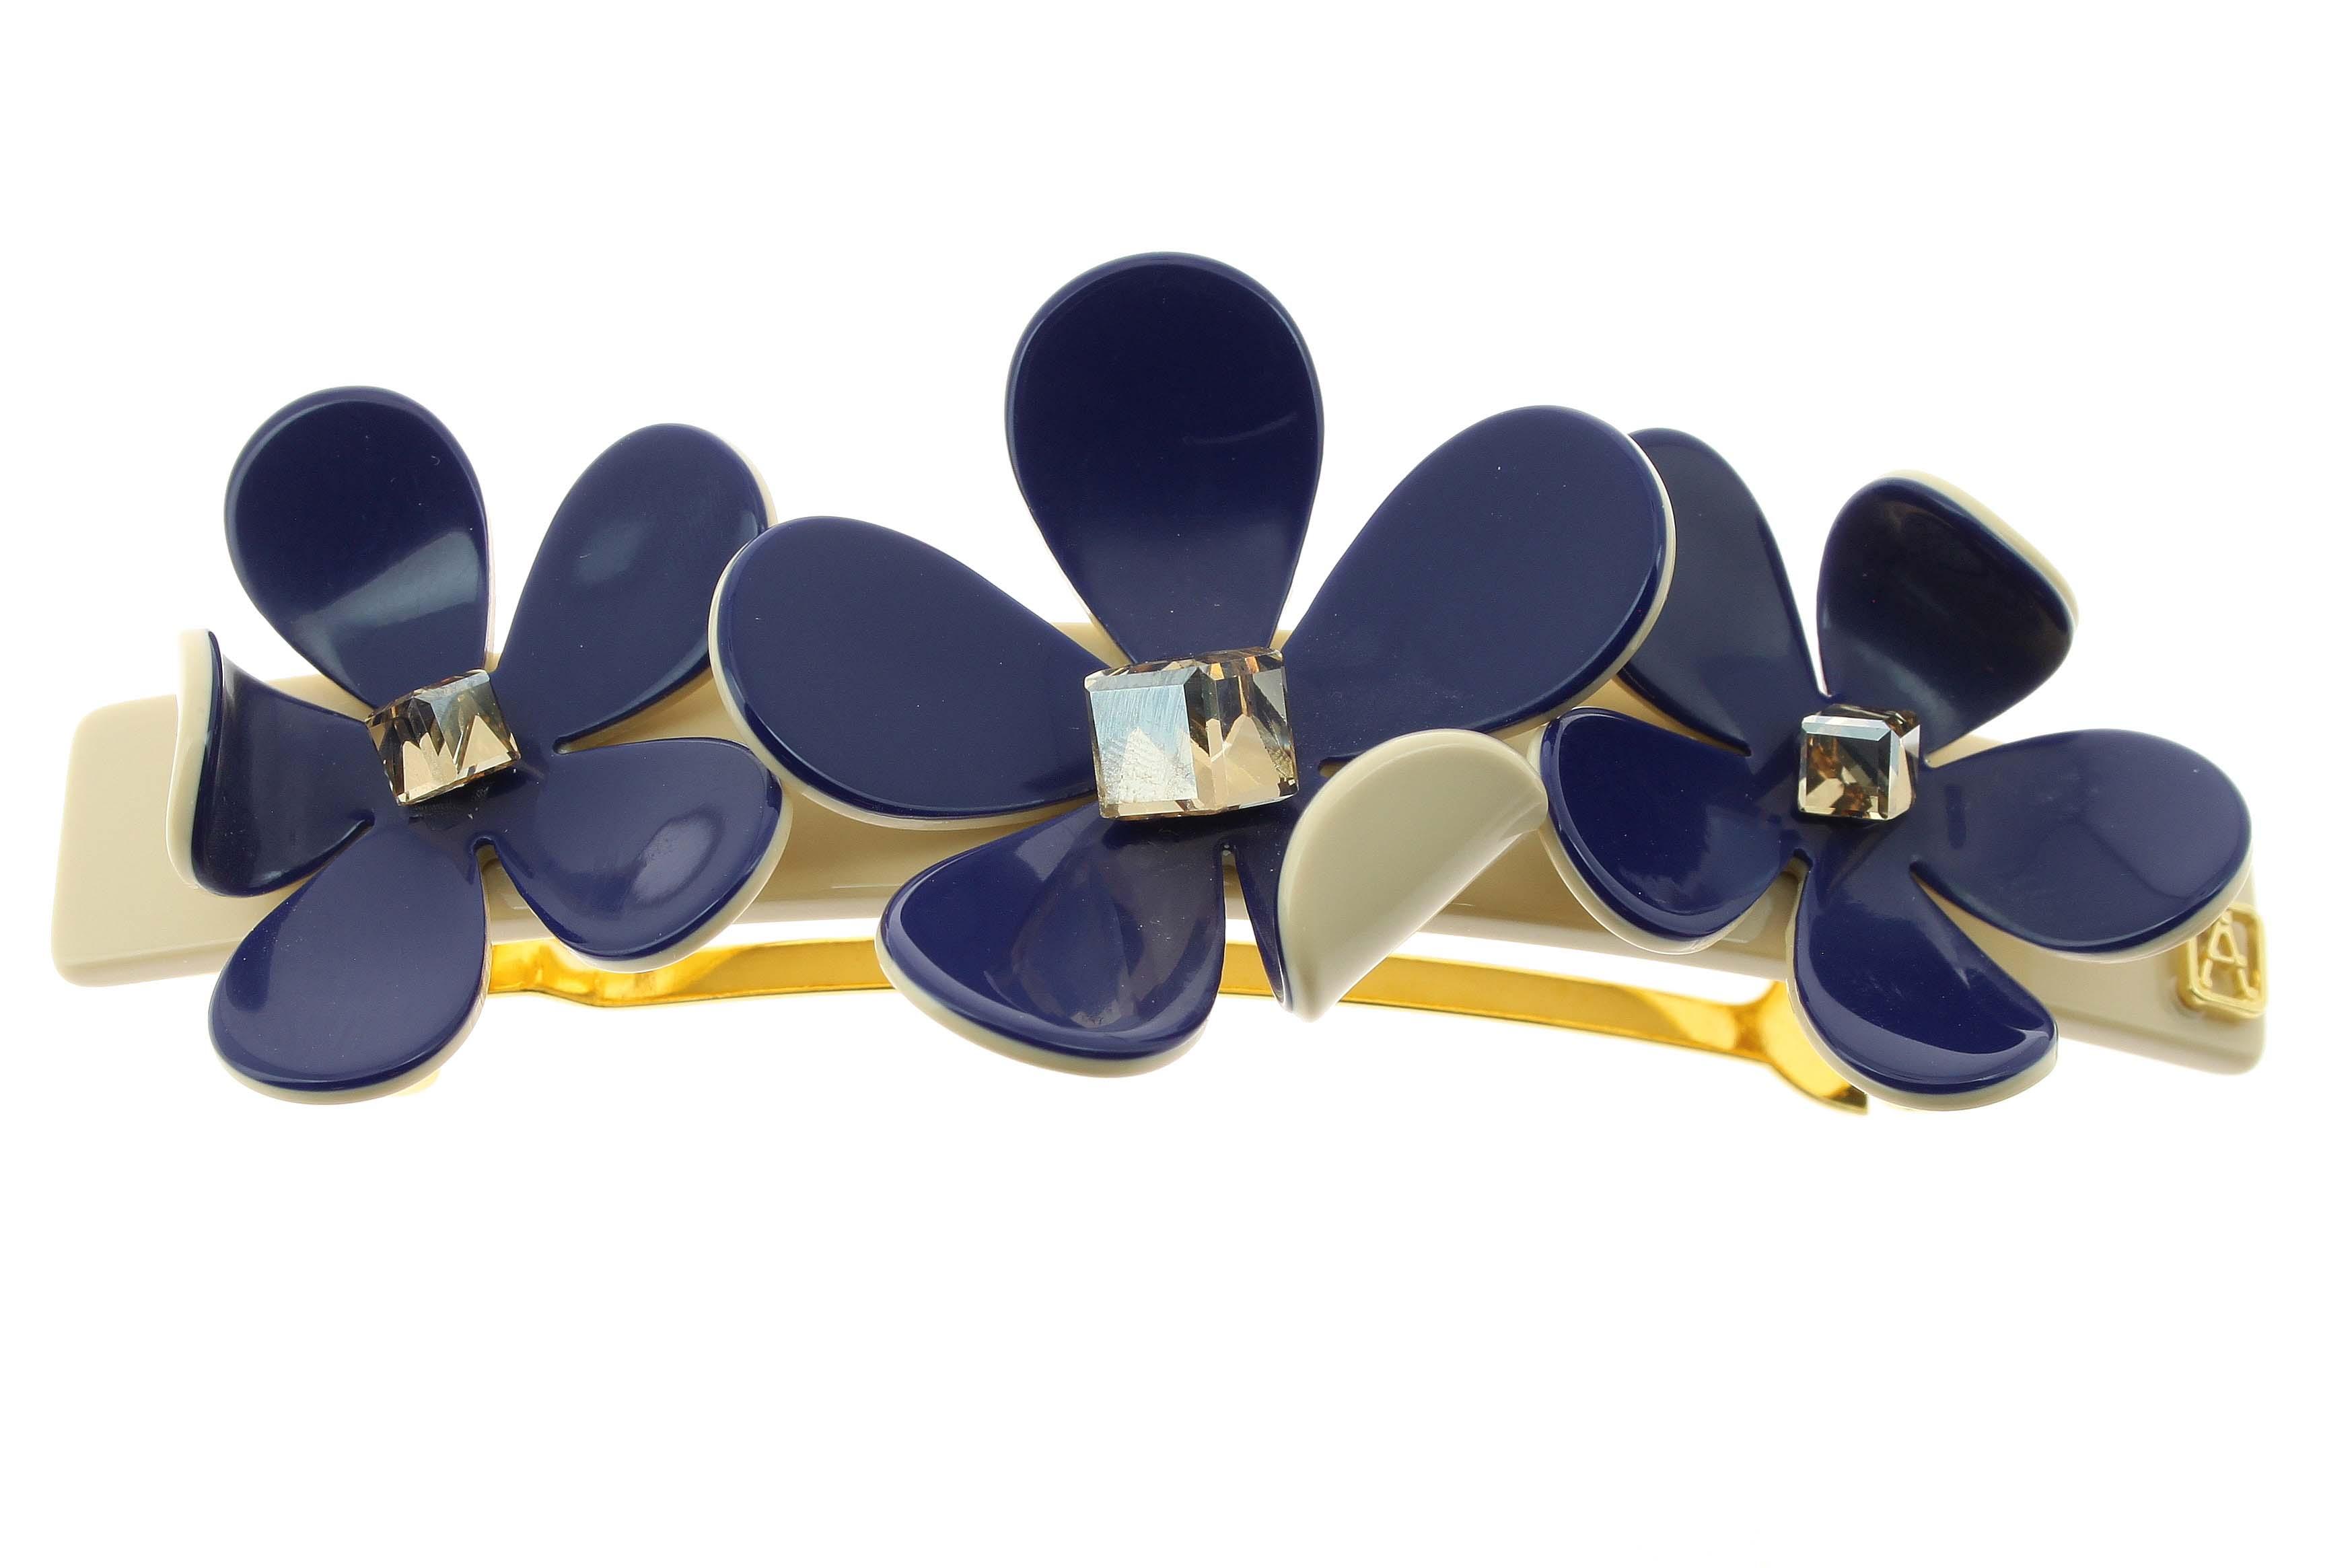 ALEXANDRE DE PARIS AA8-16166-05 Cor X Azul Marinho - FIV MIGNONNETTE R$ 590,00